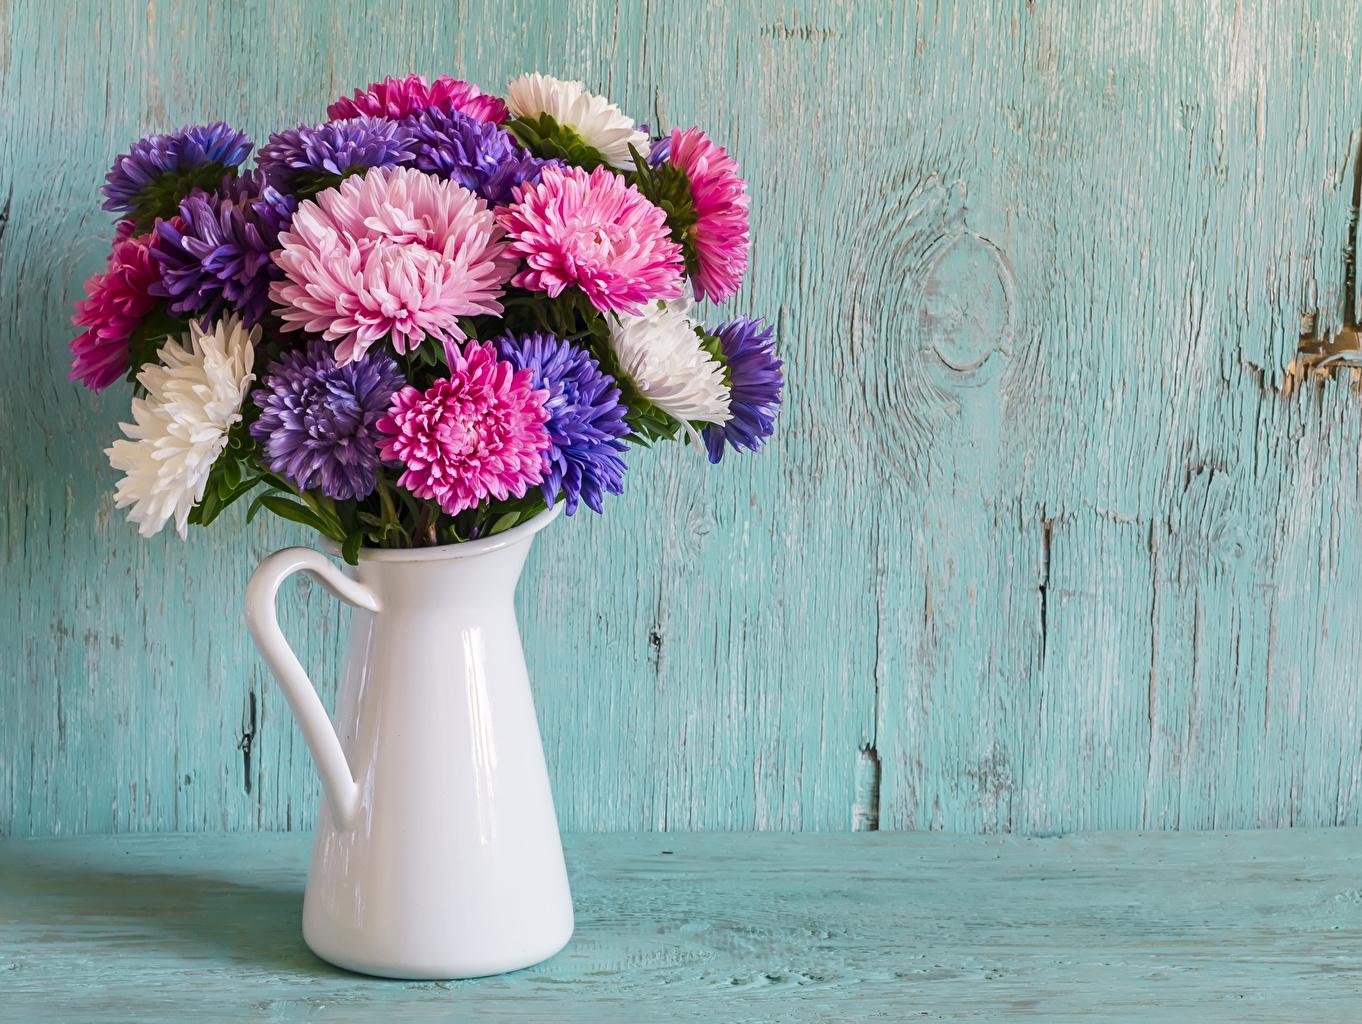 Фото Букеты Астры Цветы Кувшин Доски Цветной фон цветок кувшины